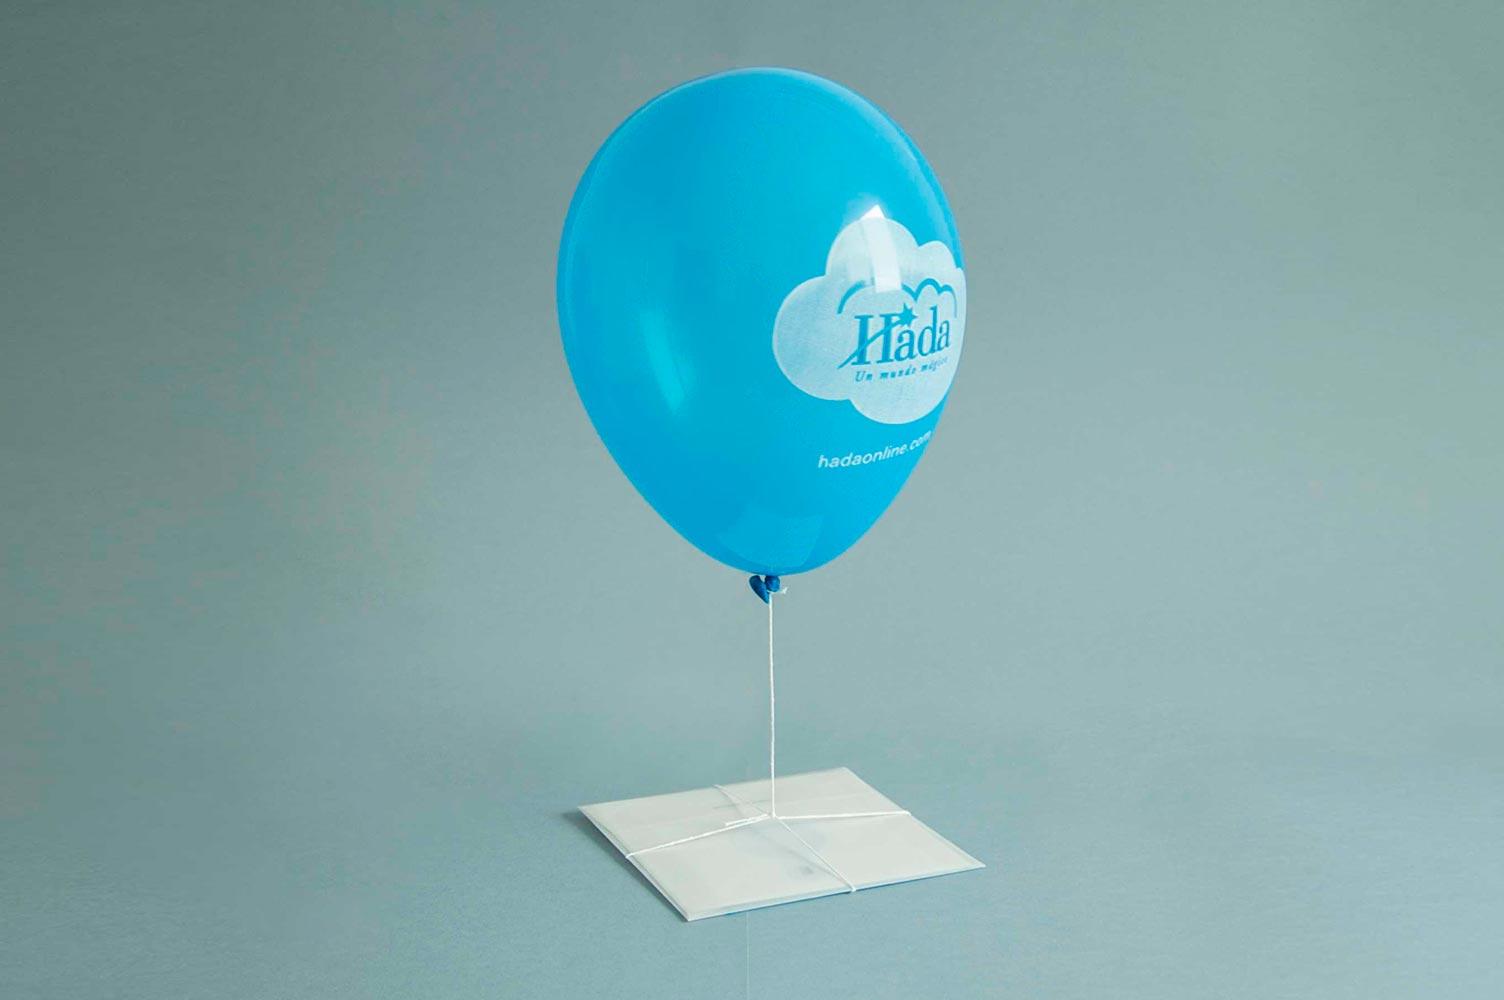 Propuesta para campaña de publicidad con folleto y globo de helio